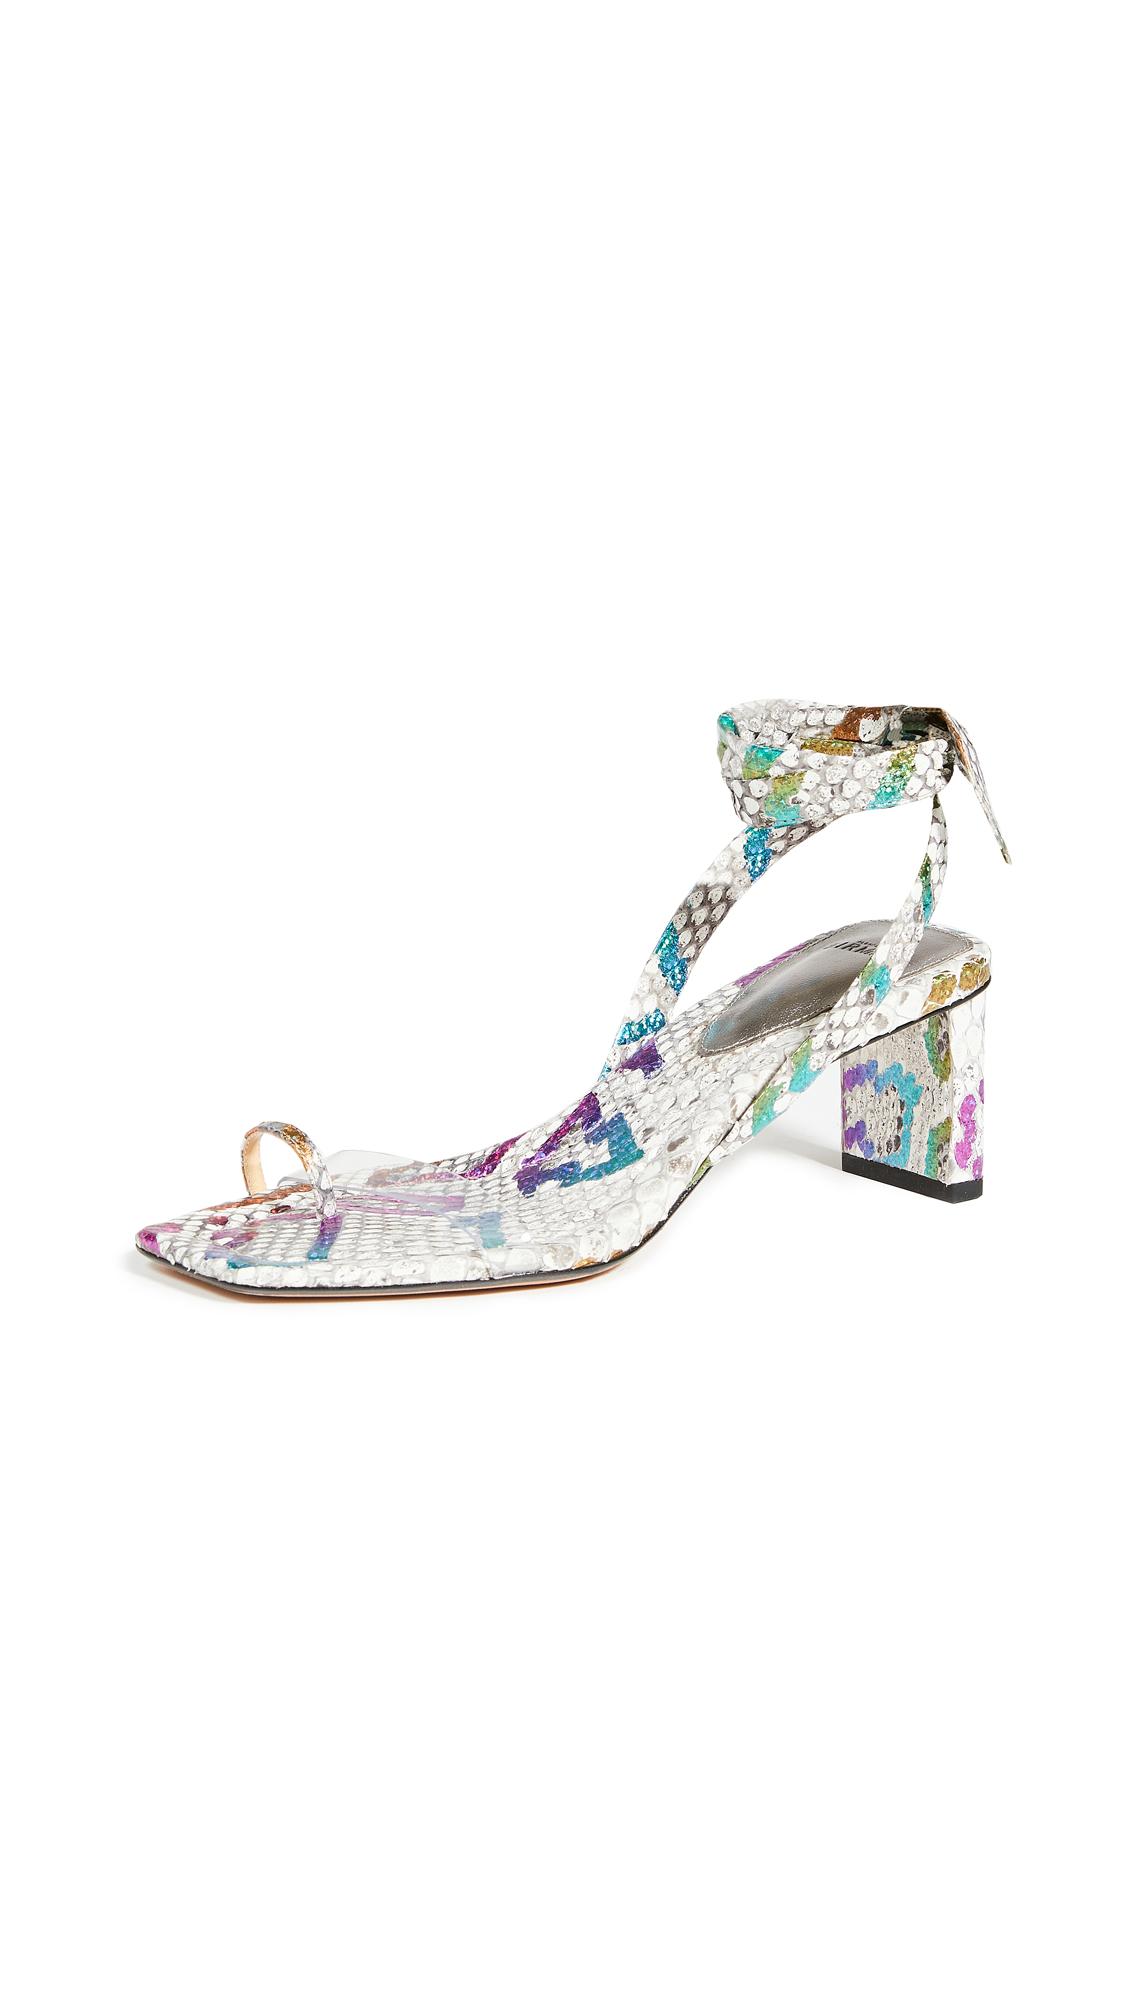 Buy Alexandre Birman Katie Exotic Sandals online, shop Alexandre Birman